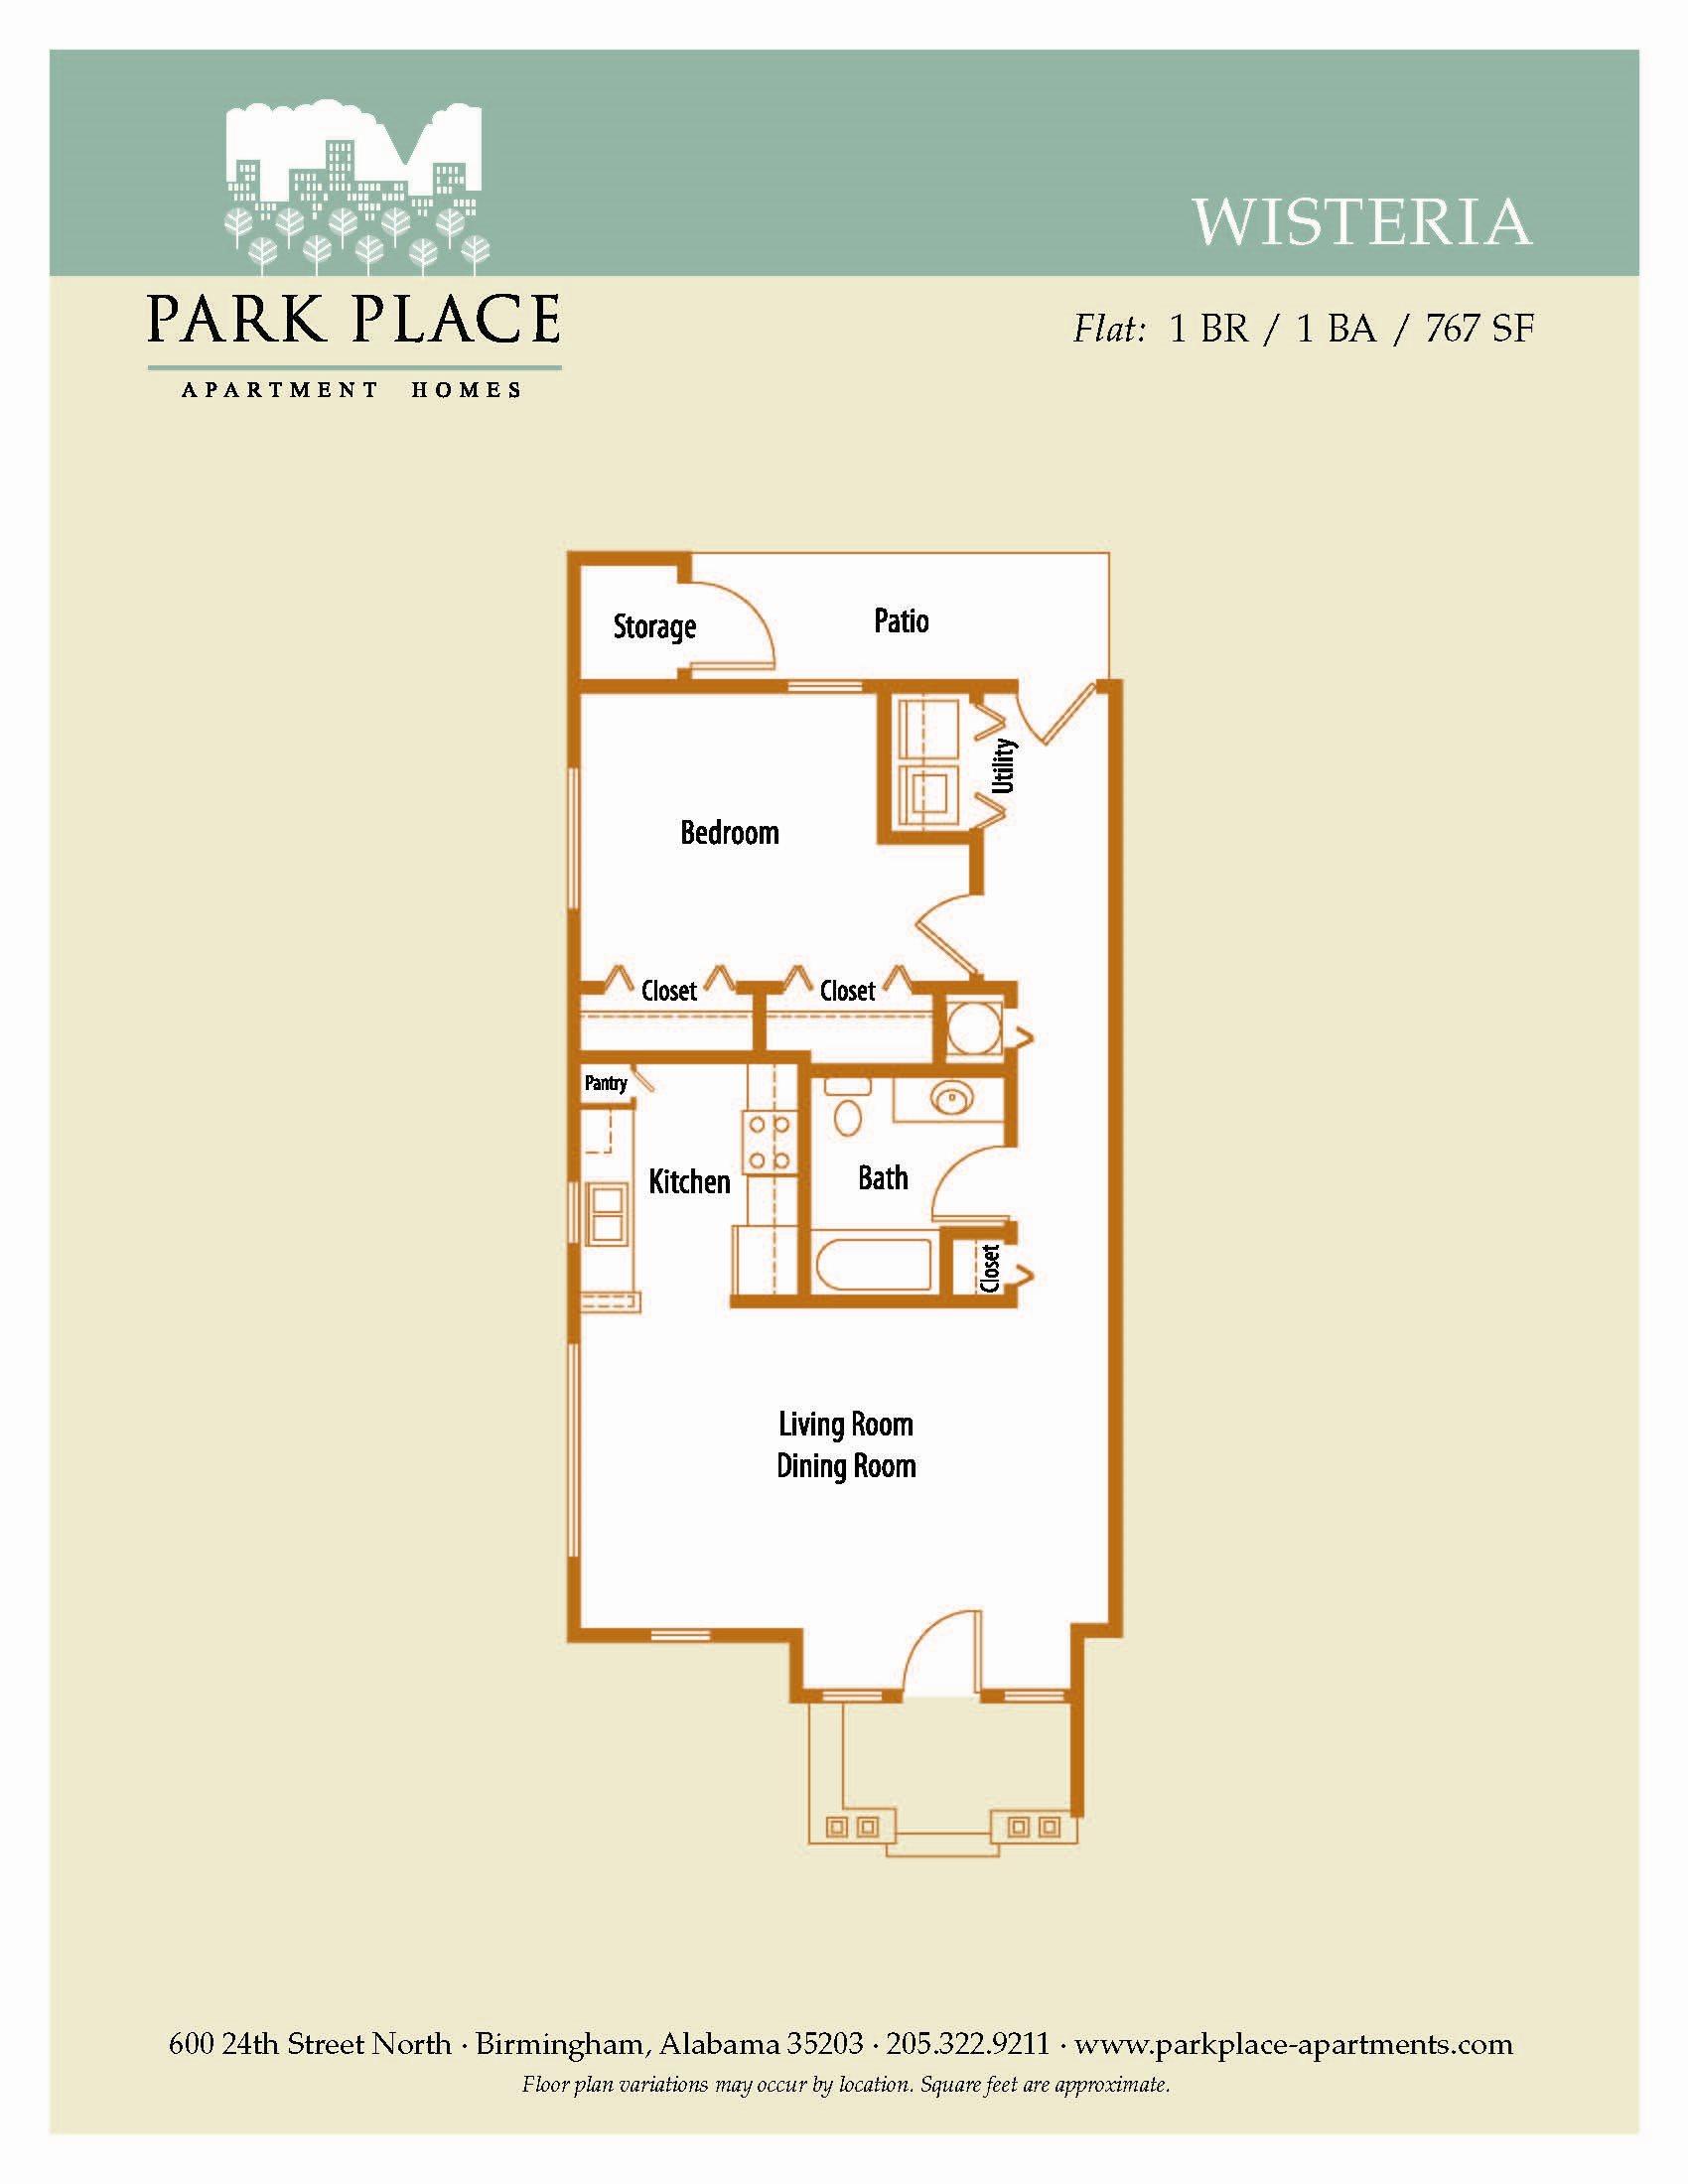 Wisteria Floor Plan 3